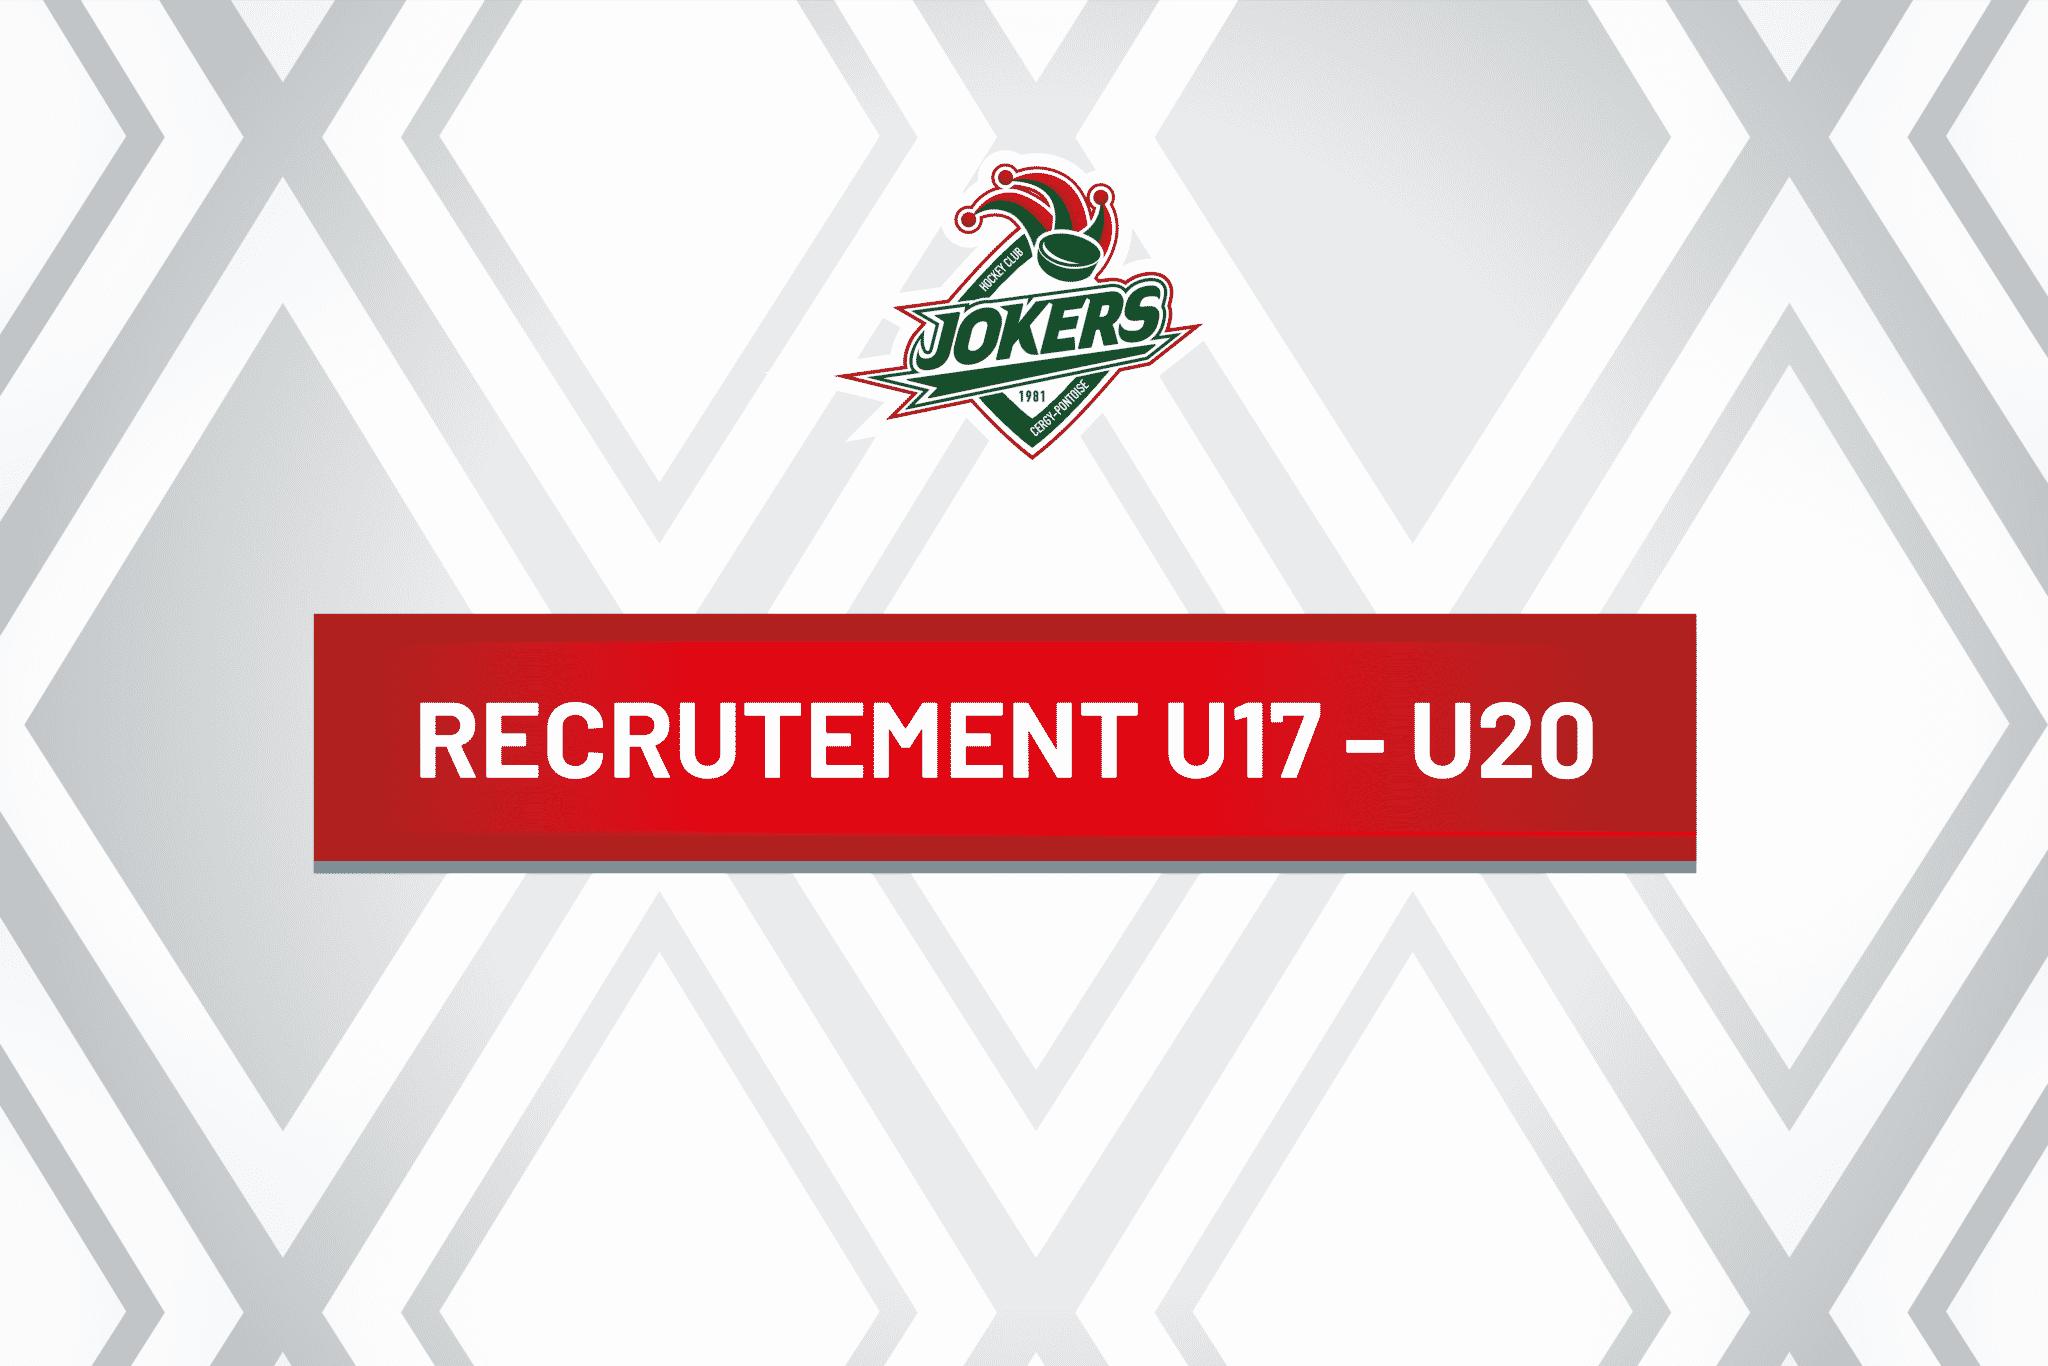 Recrutement U17-U20